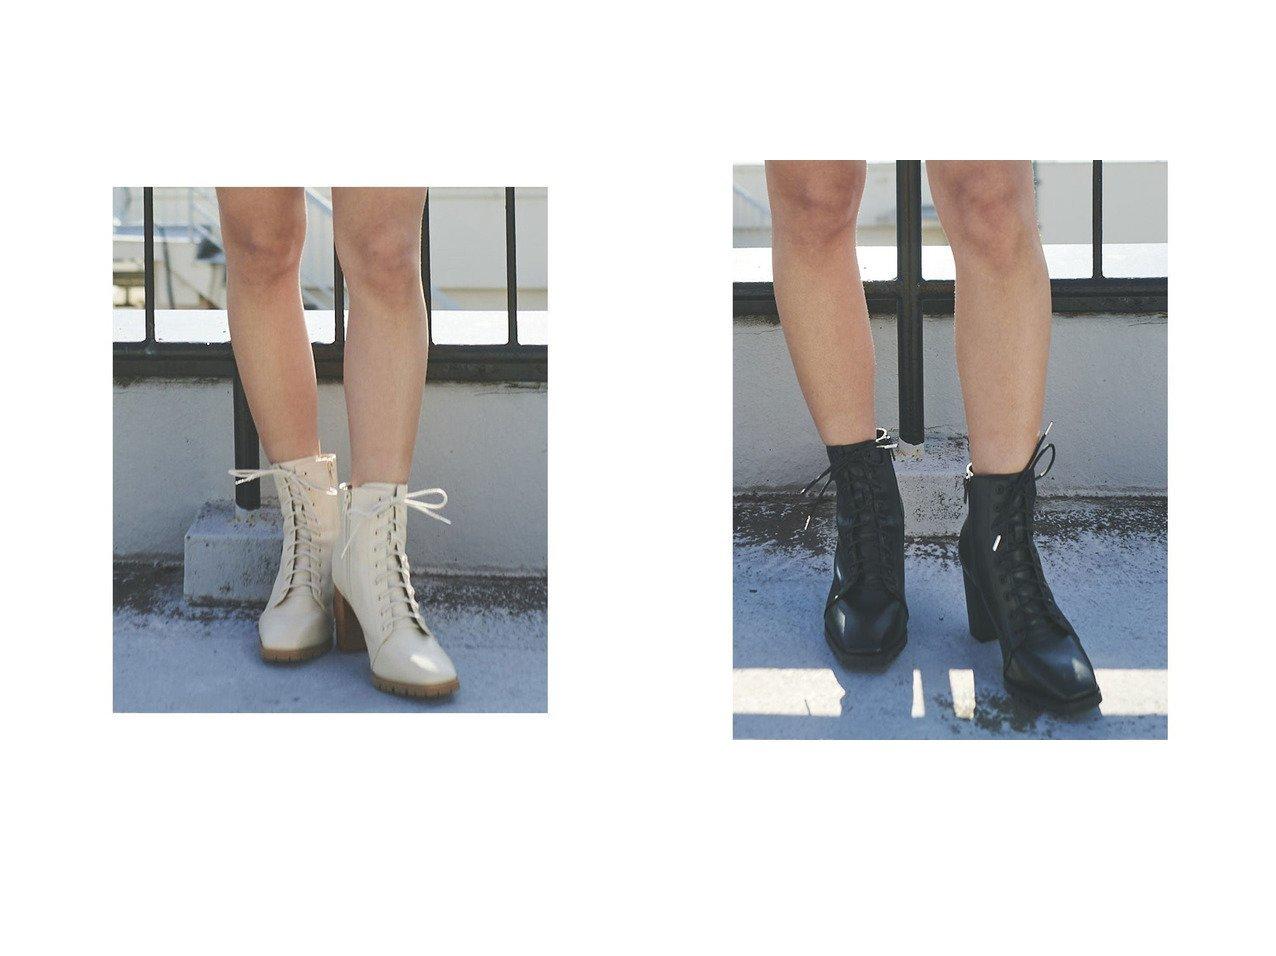 【EGOIST/エゴイスト】のスクエアトゥレースUPブーツ シューズ・靴のおすすめ!人気、トレンド・レディースファッションの通販  おすすめで人気の流行・トレンド、ファッションの通販商品 メンズファッション・キッズファッション・インテリア・家具・レディースファッション・服の通販 founy(ファニー) https://founy.com/ ファッション Fashion レディースファッション WOMEN 2021年 2021 2021-2022 秋冬 A/W AW Autumn/Winter / FW Fall-Winter 2021-2022 A/W 秋冬 AW Autumn/Winter / FW Fall-Winter ショート スタイリッシュ ダウン ヌーディ レース 定番 Standard  ID:crp329100000015632